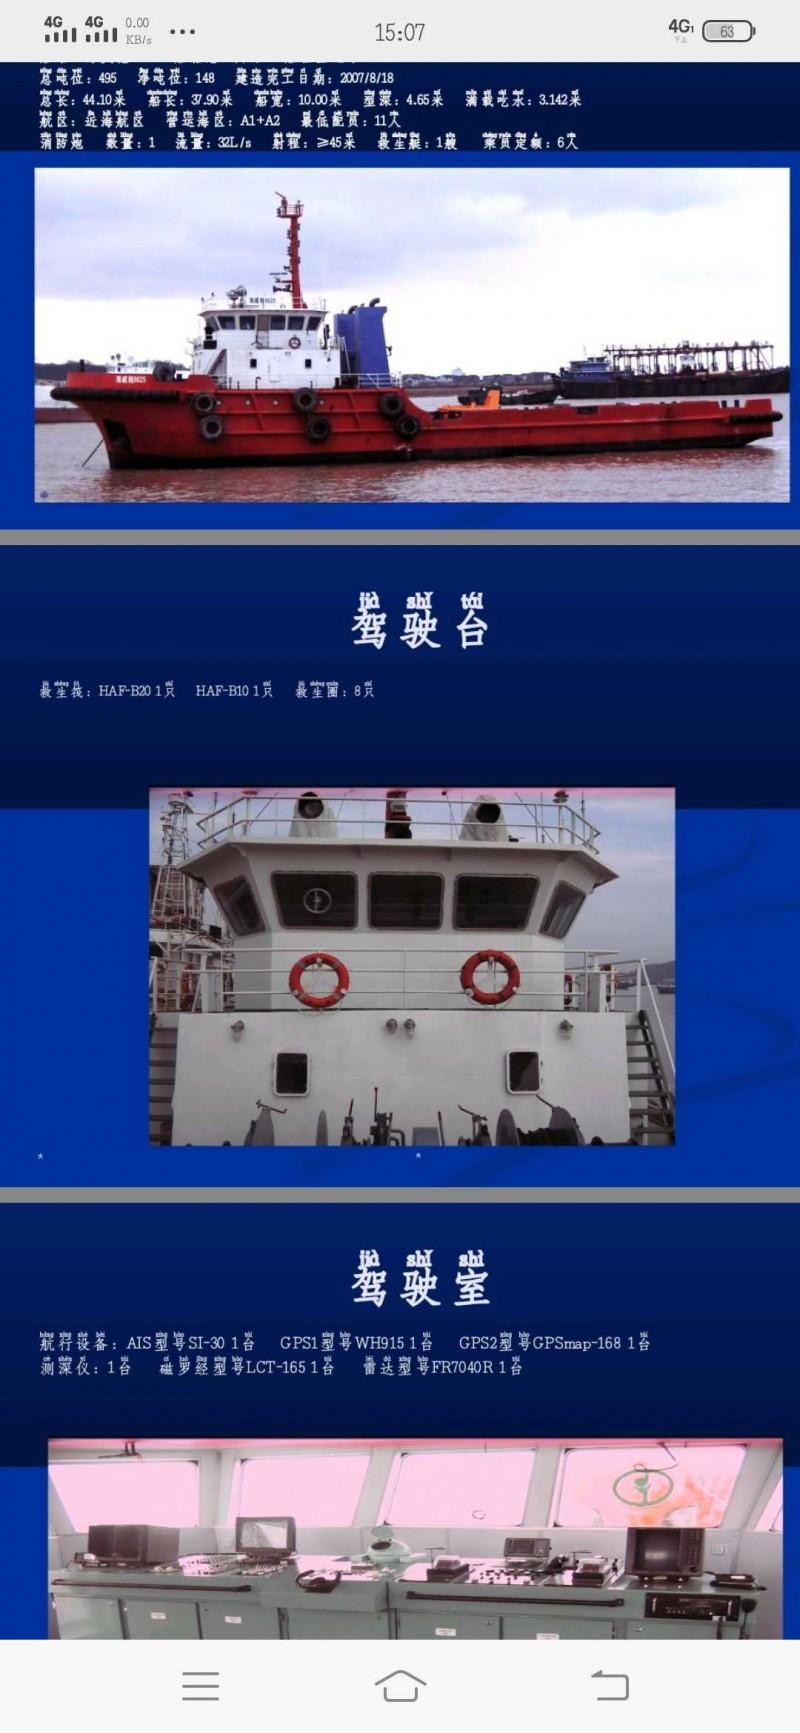 出售一艘3200马力普通拖船